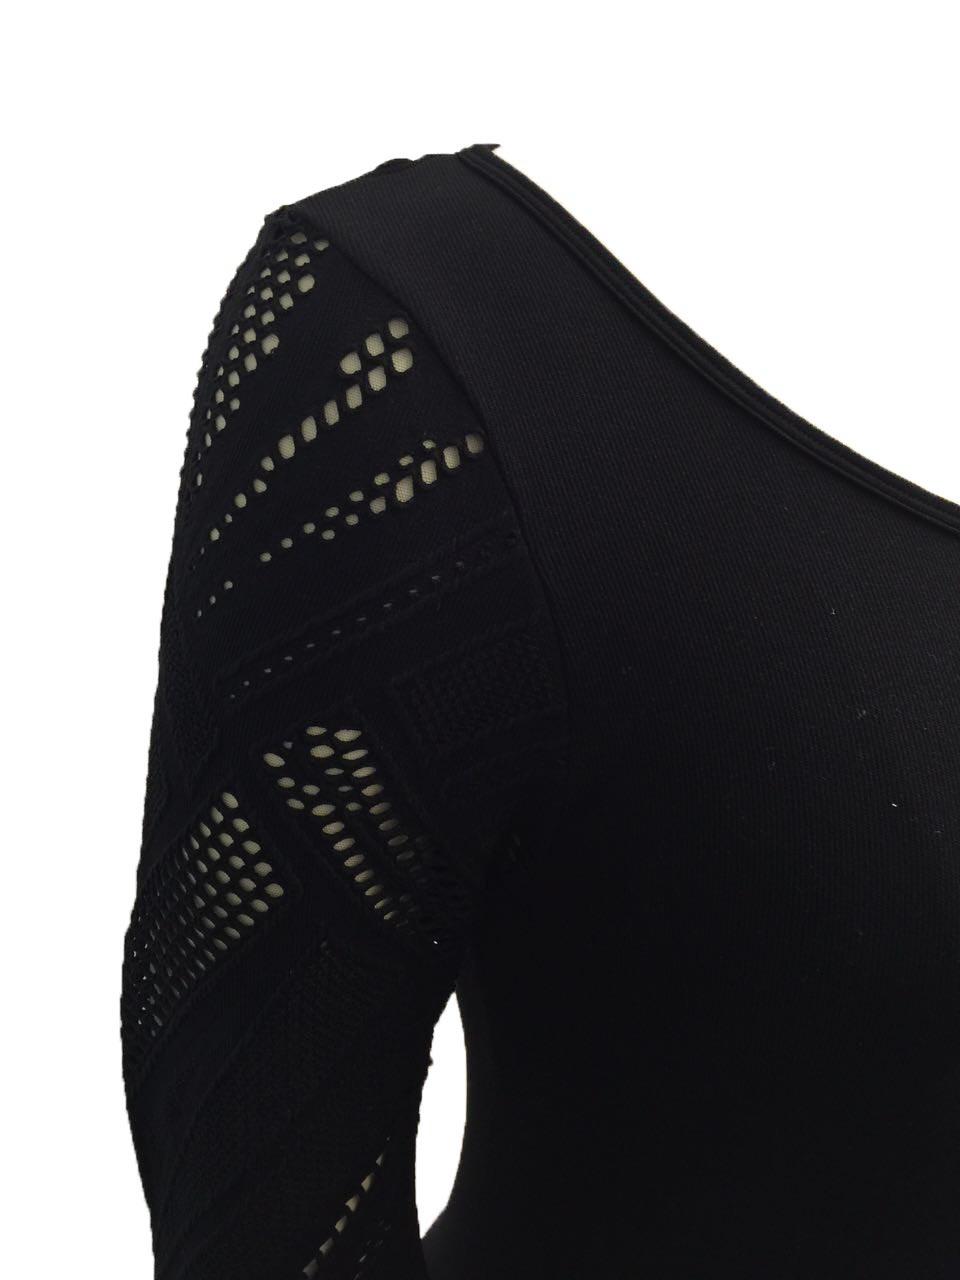 Women′s Long Holed Seamless Shirt